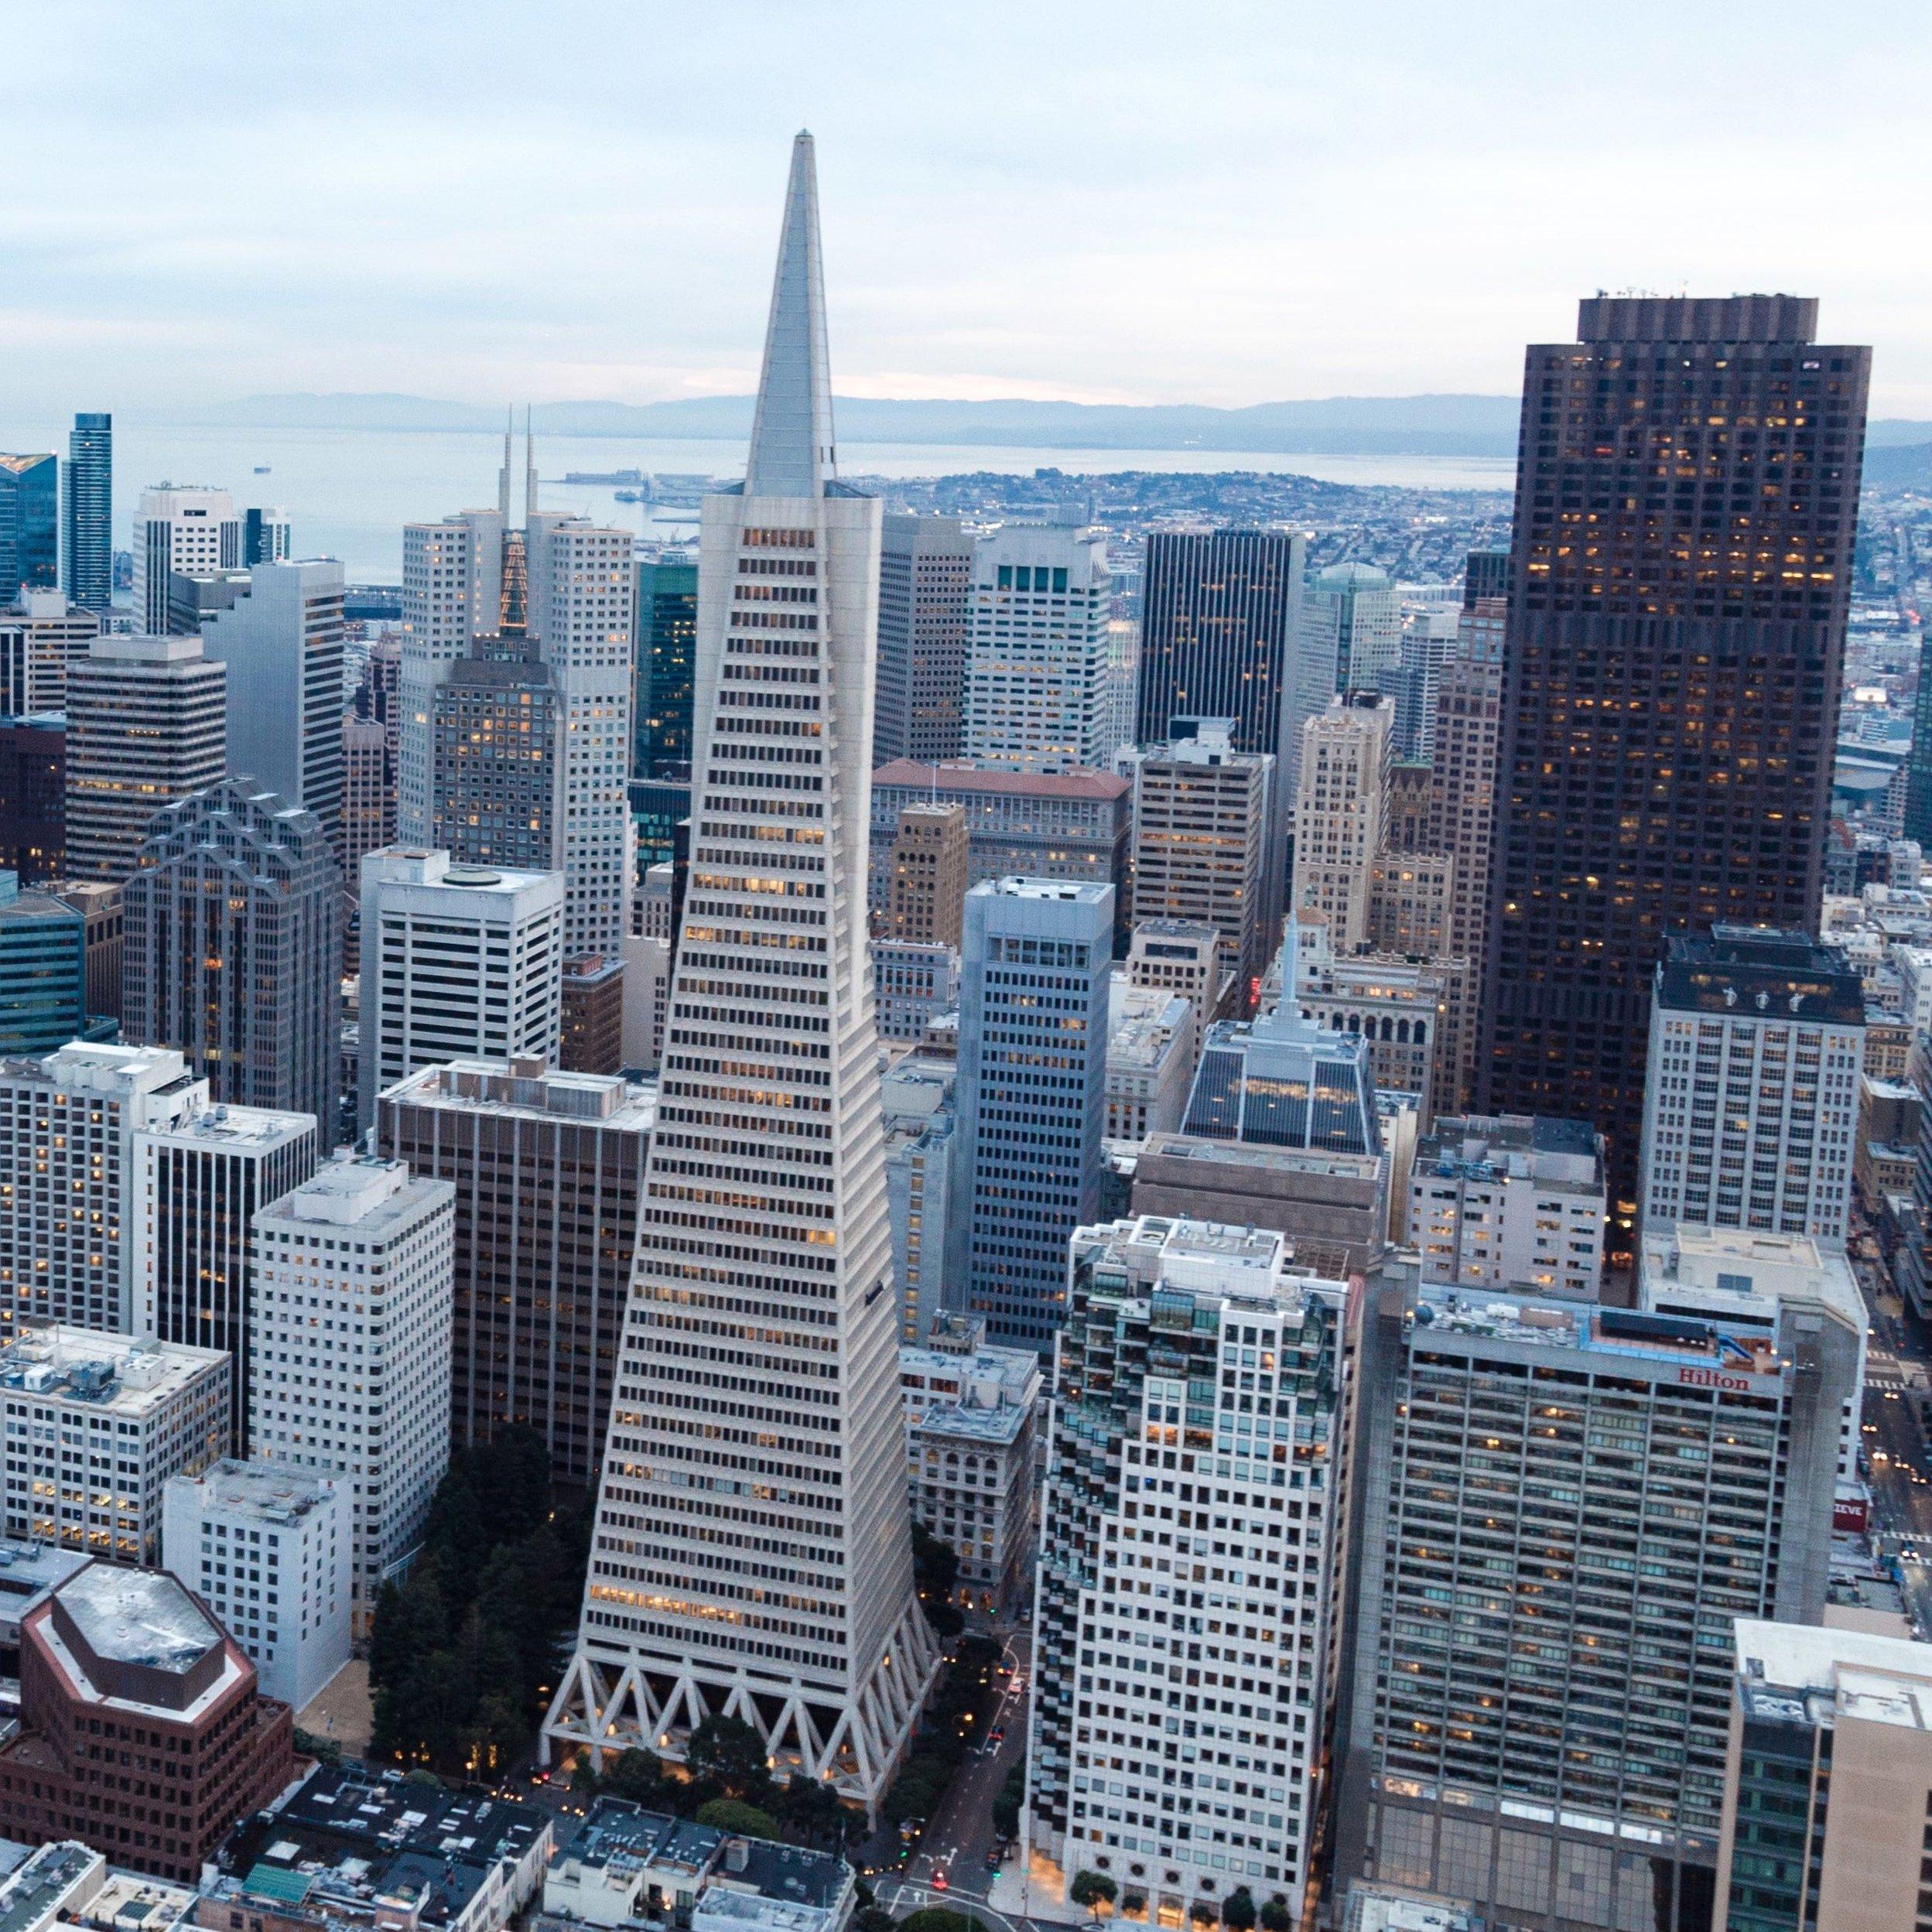 Las ciudades reclaman protagonismo para lograr un futuro más sostenible